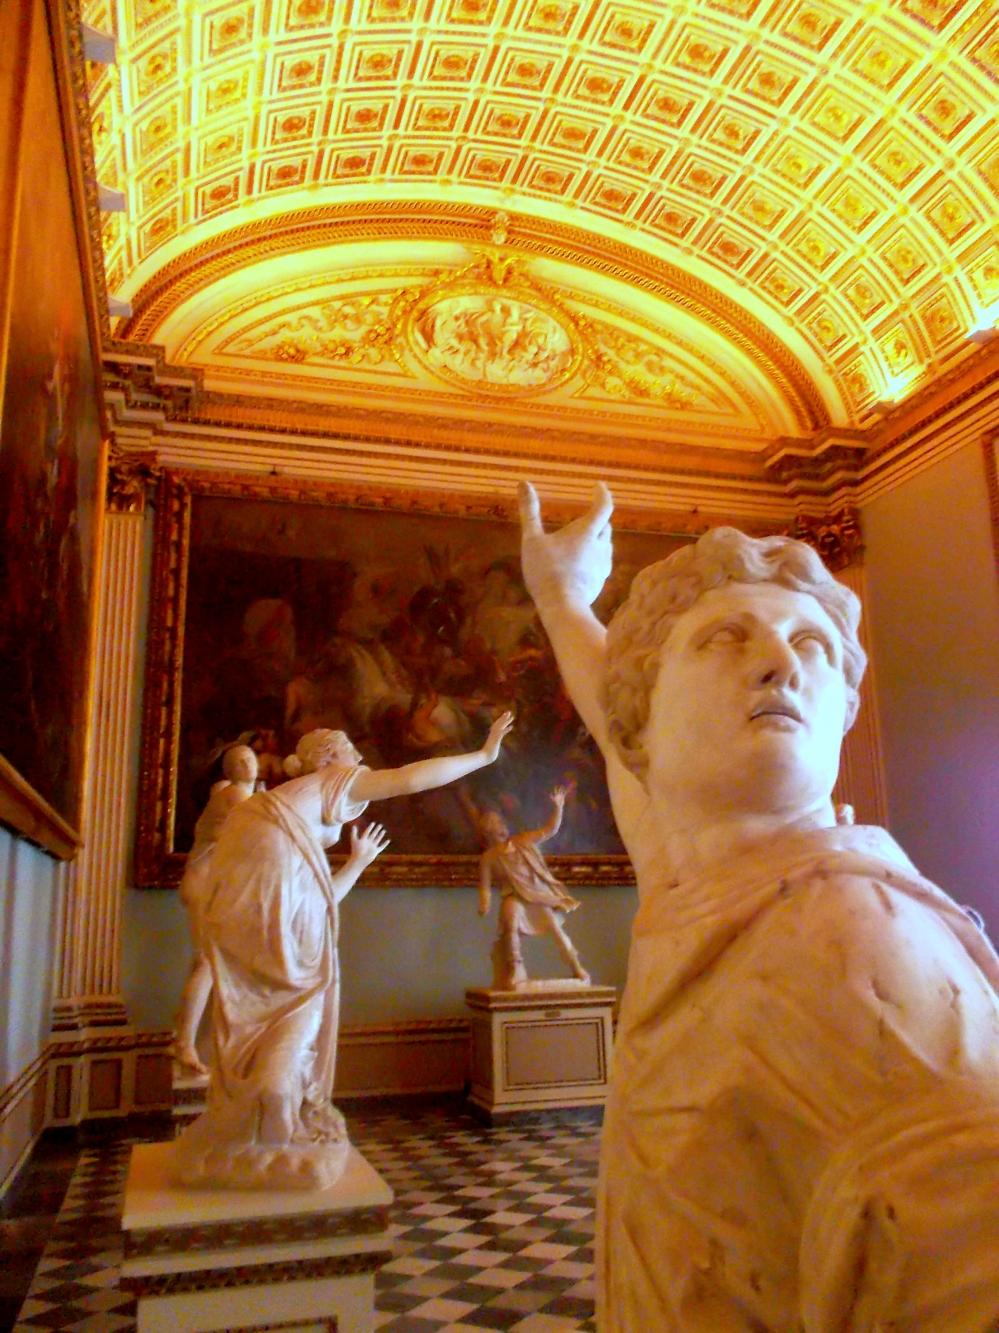 Kunstwerke im Palazzo Pitti in Florenz von innen - Kunst- und Kulturschätze der Toskana - exploreglobal